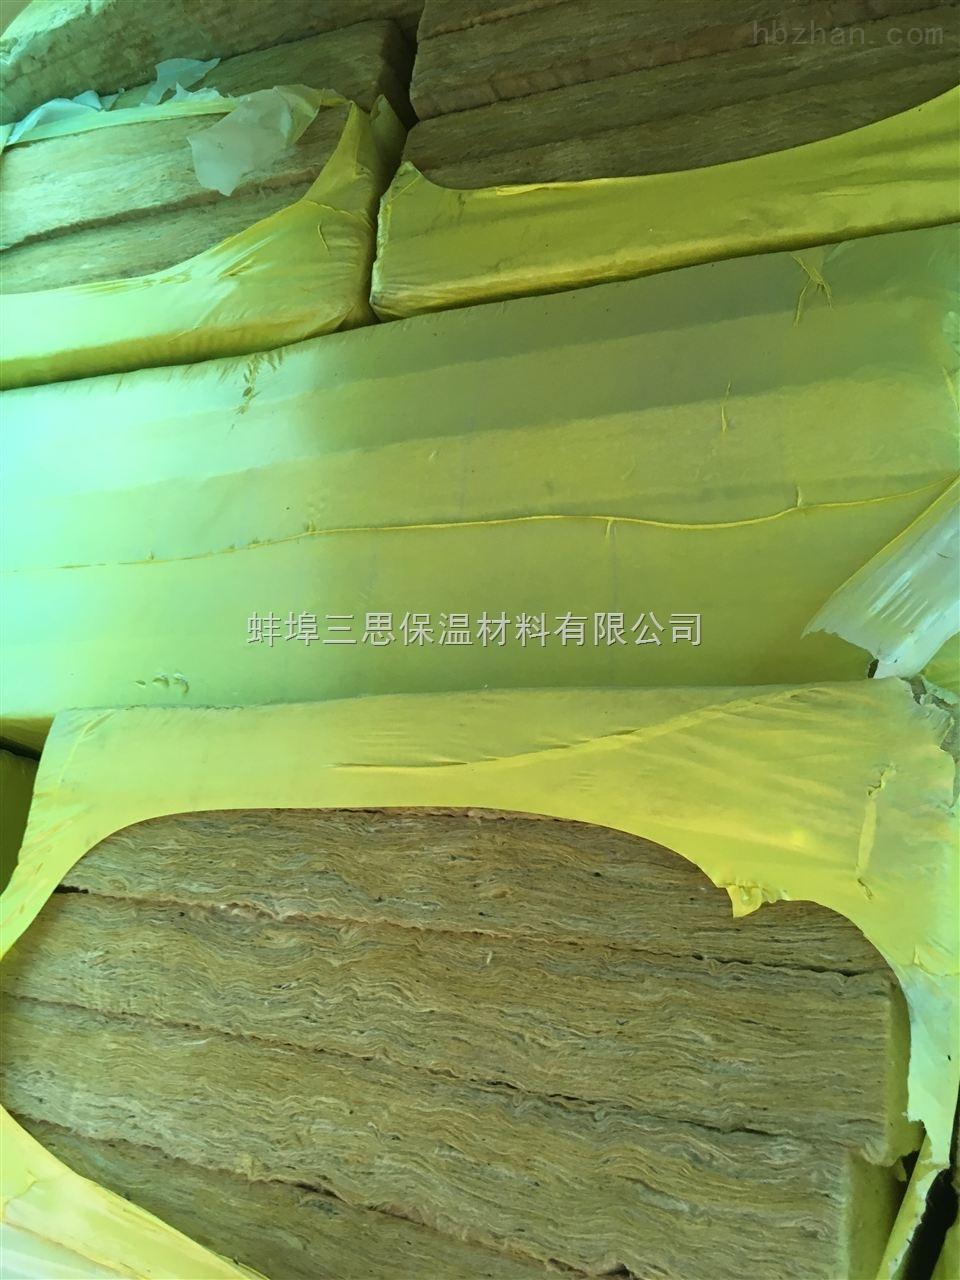 工程剩余容重140KG岩棉保温板,低价处理